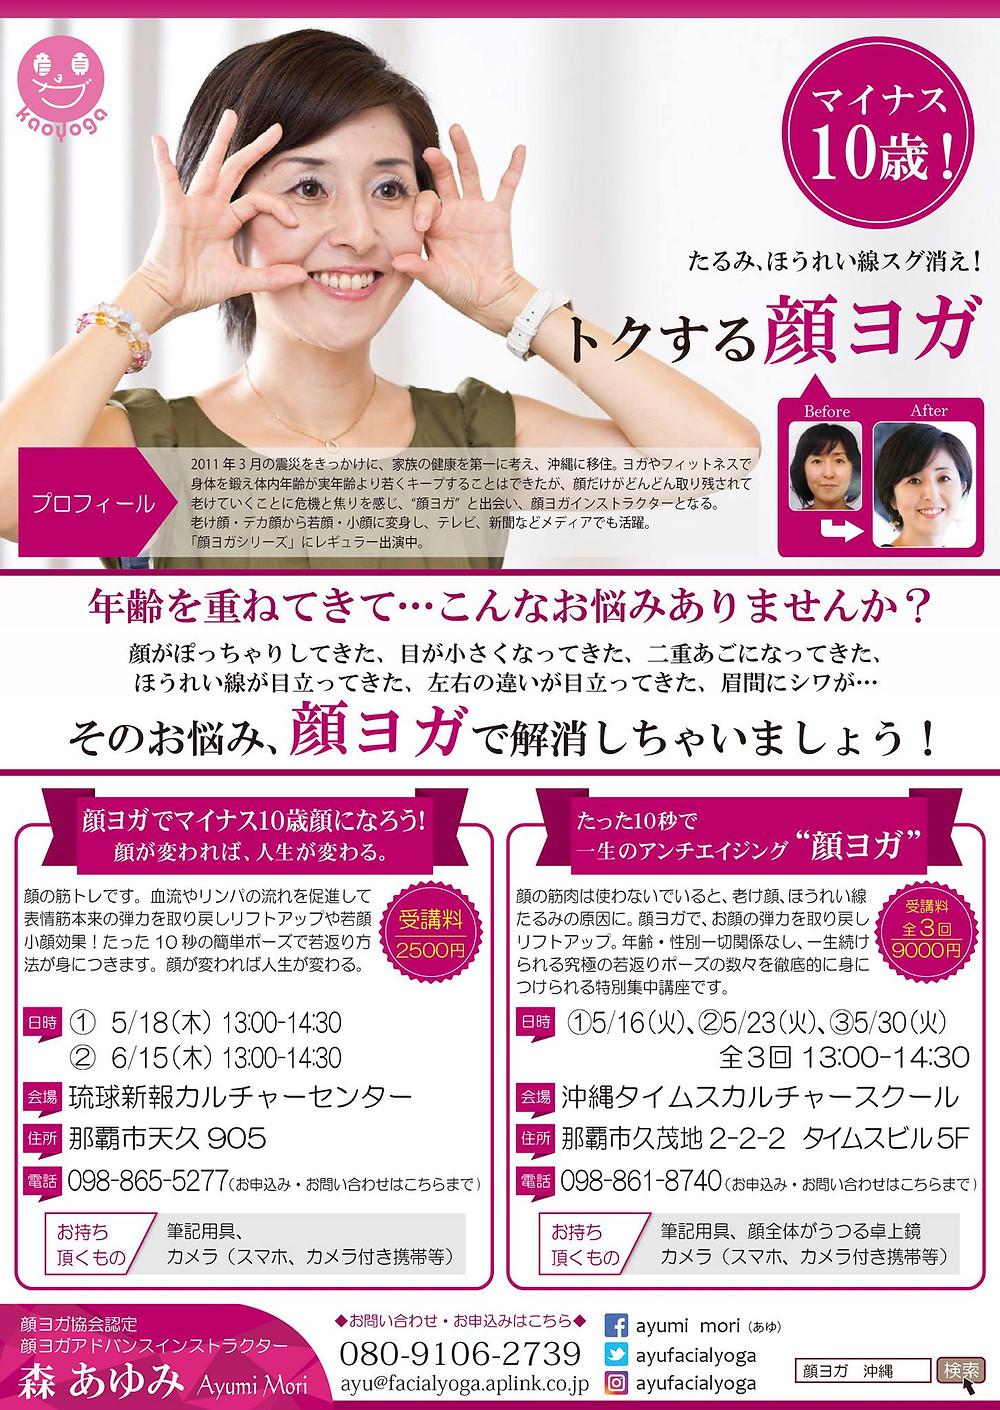 もりあゆみ顔ヨガ沖縄 カルチャースクール情報5月6月